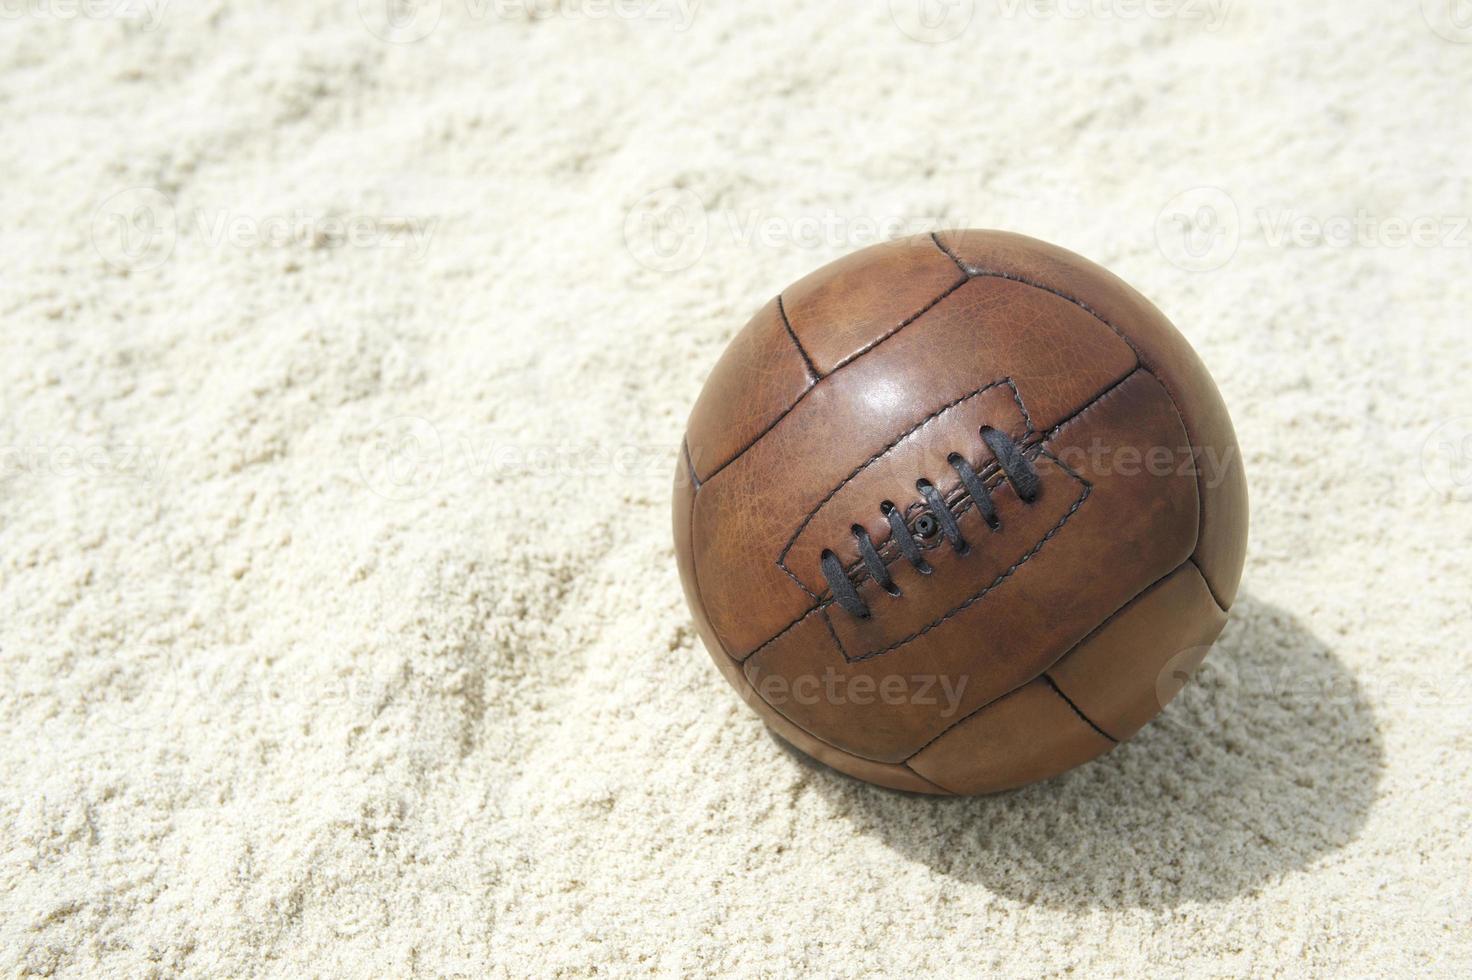 fond de plage de sable brun vintage football ballon de football photo